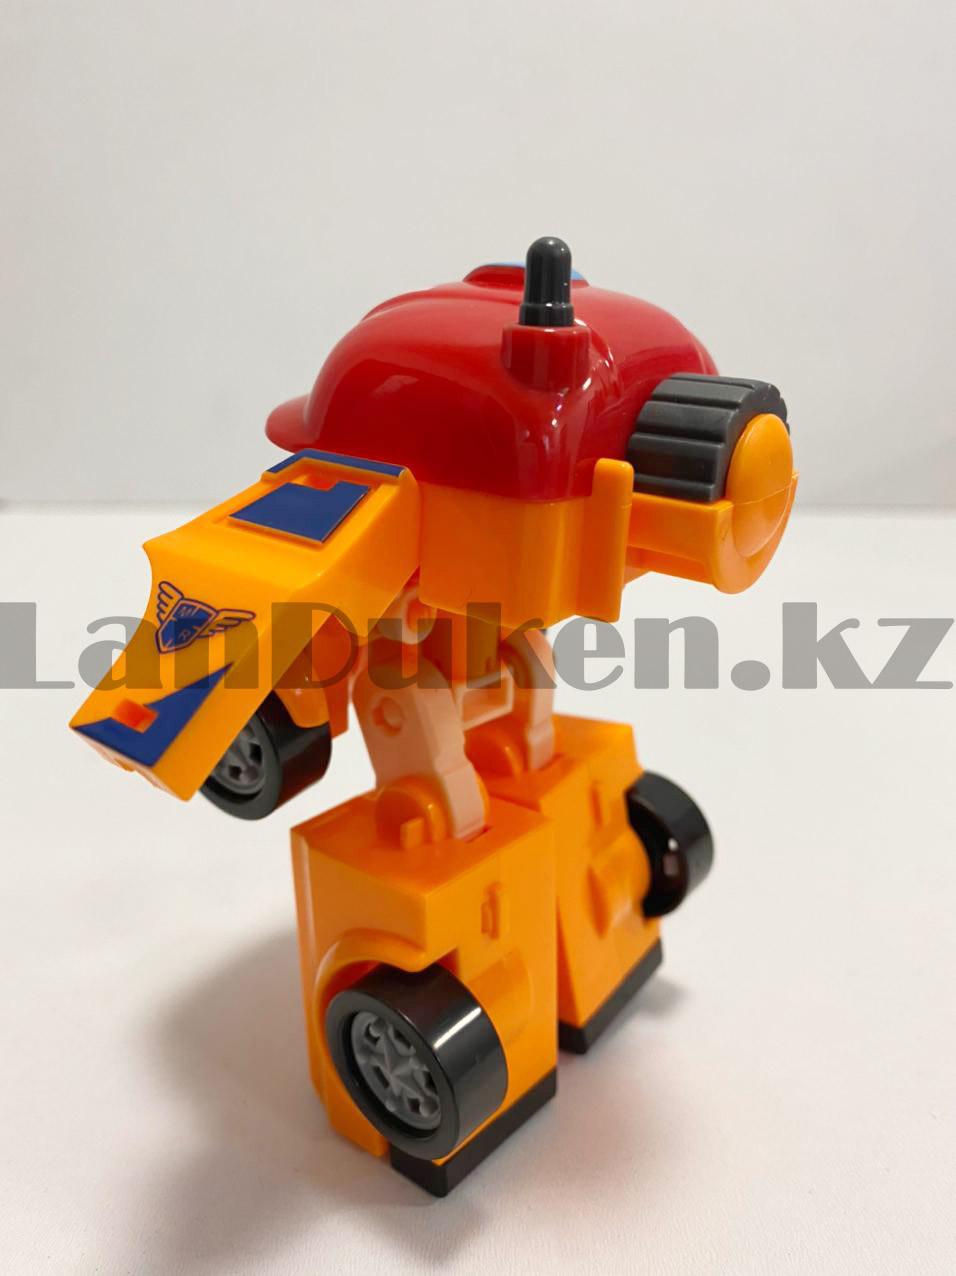 Трансформер игрушечный из серии Робокар Поли и его друзья для детей Марк 11,5 см - фото 5